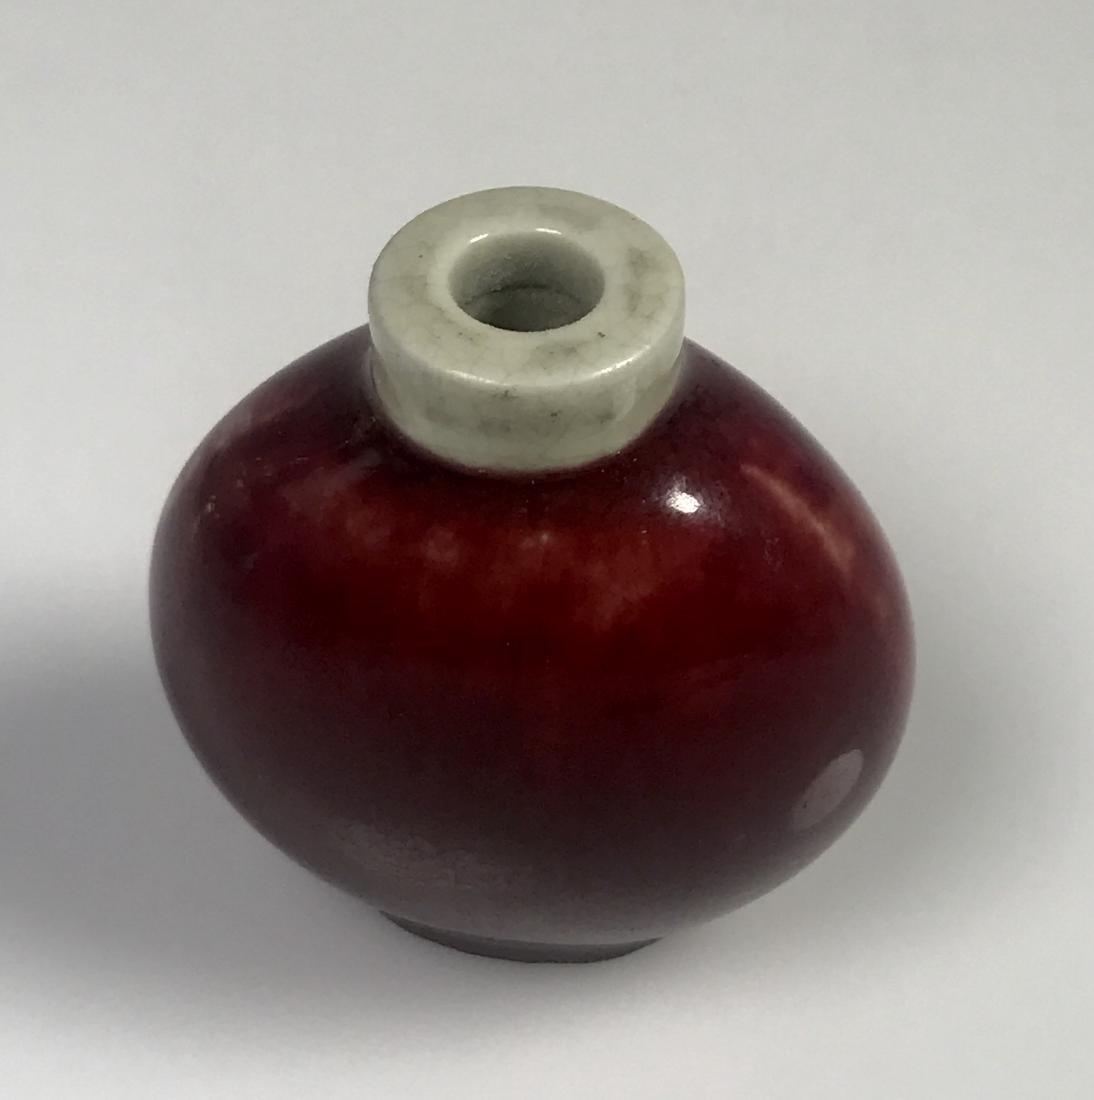 Red Glazed Porcelain Snuff Bottle - 6